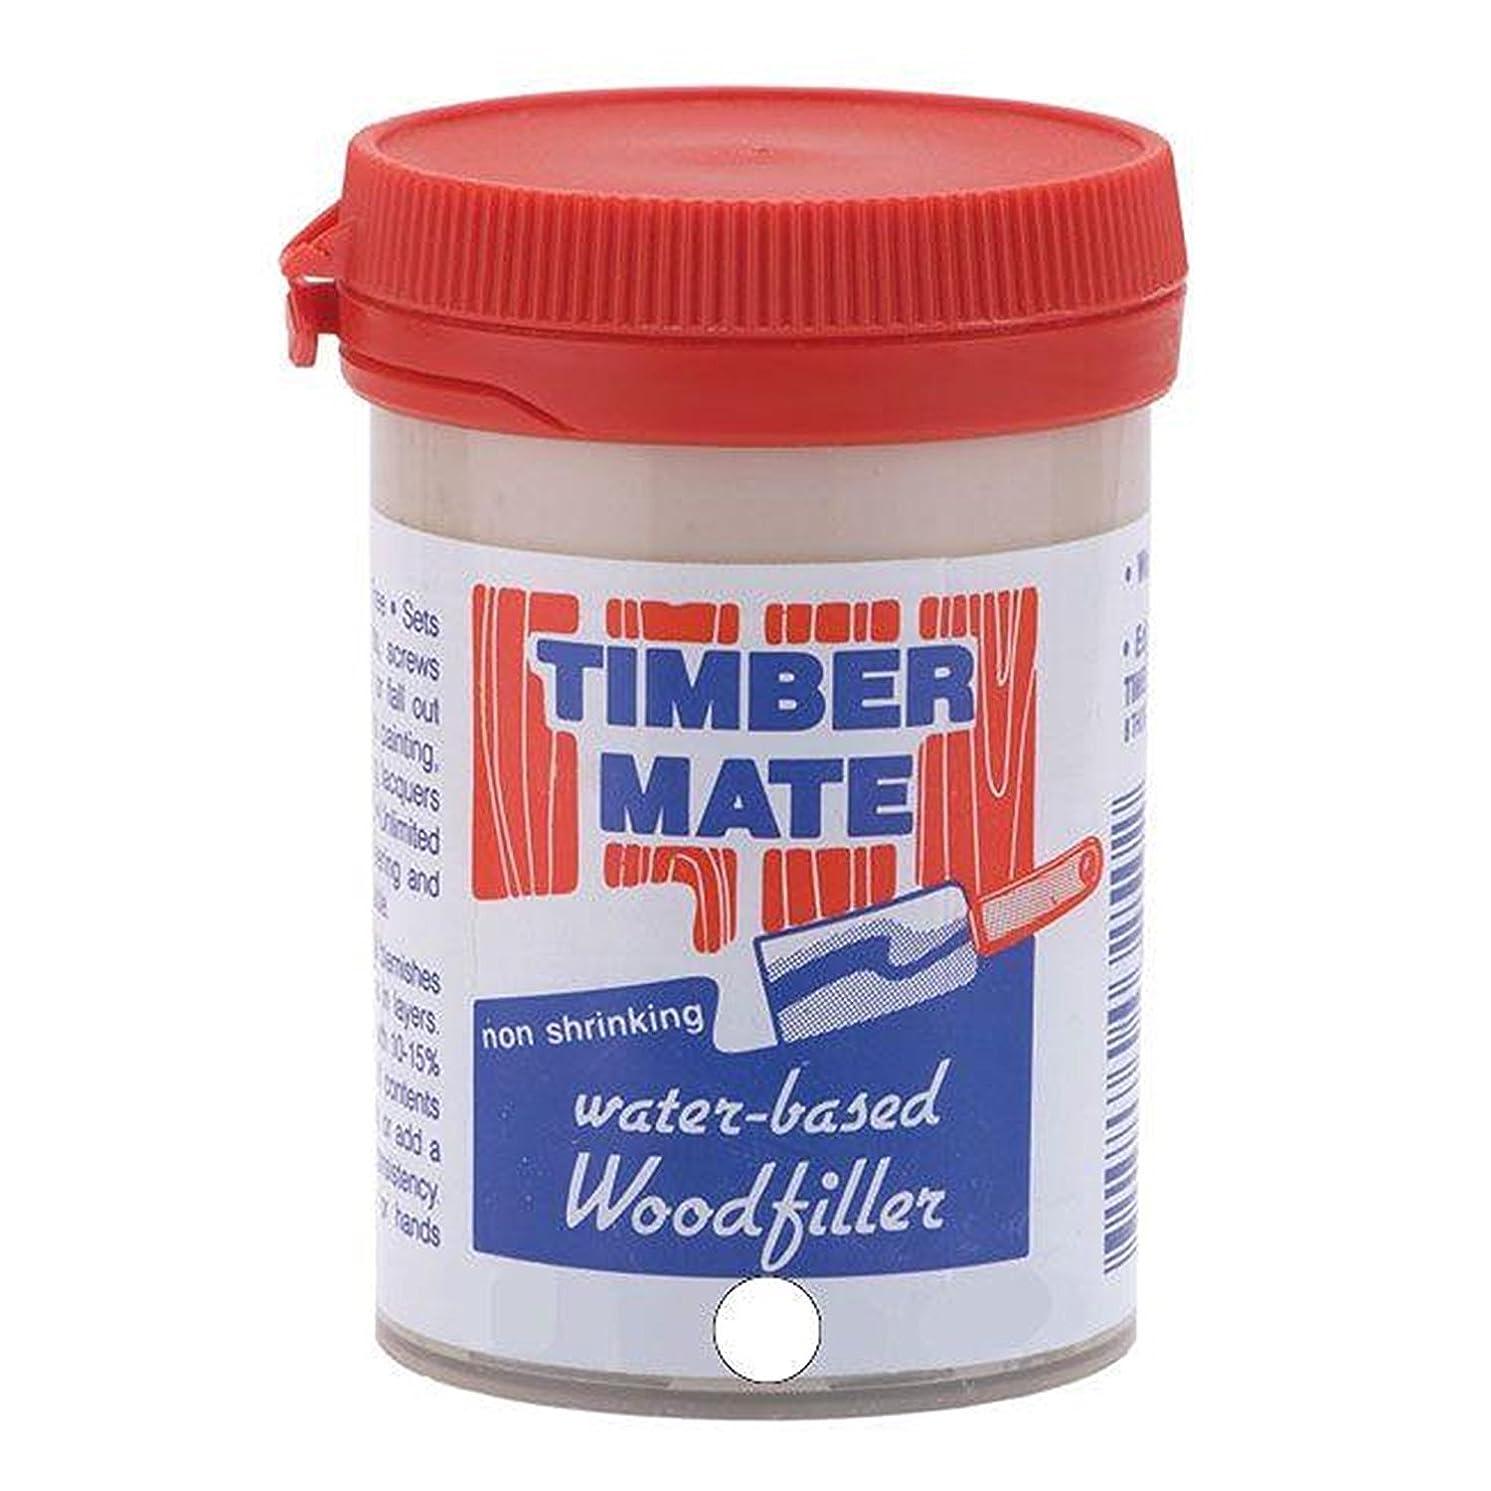 Timbermate White Hardwood Wood Filler 8oz Jar